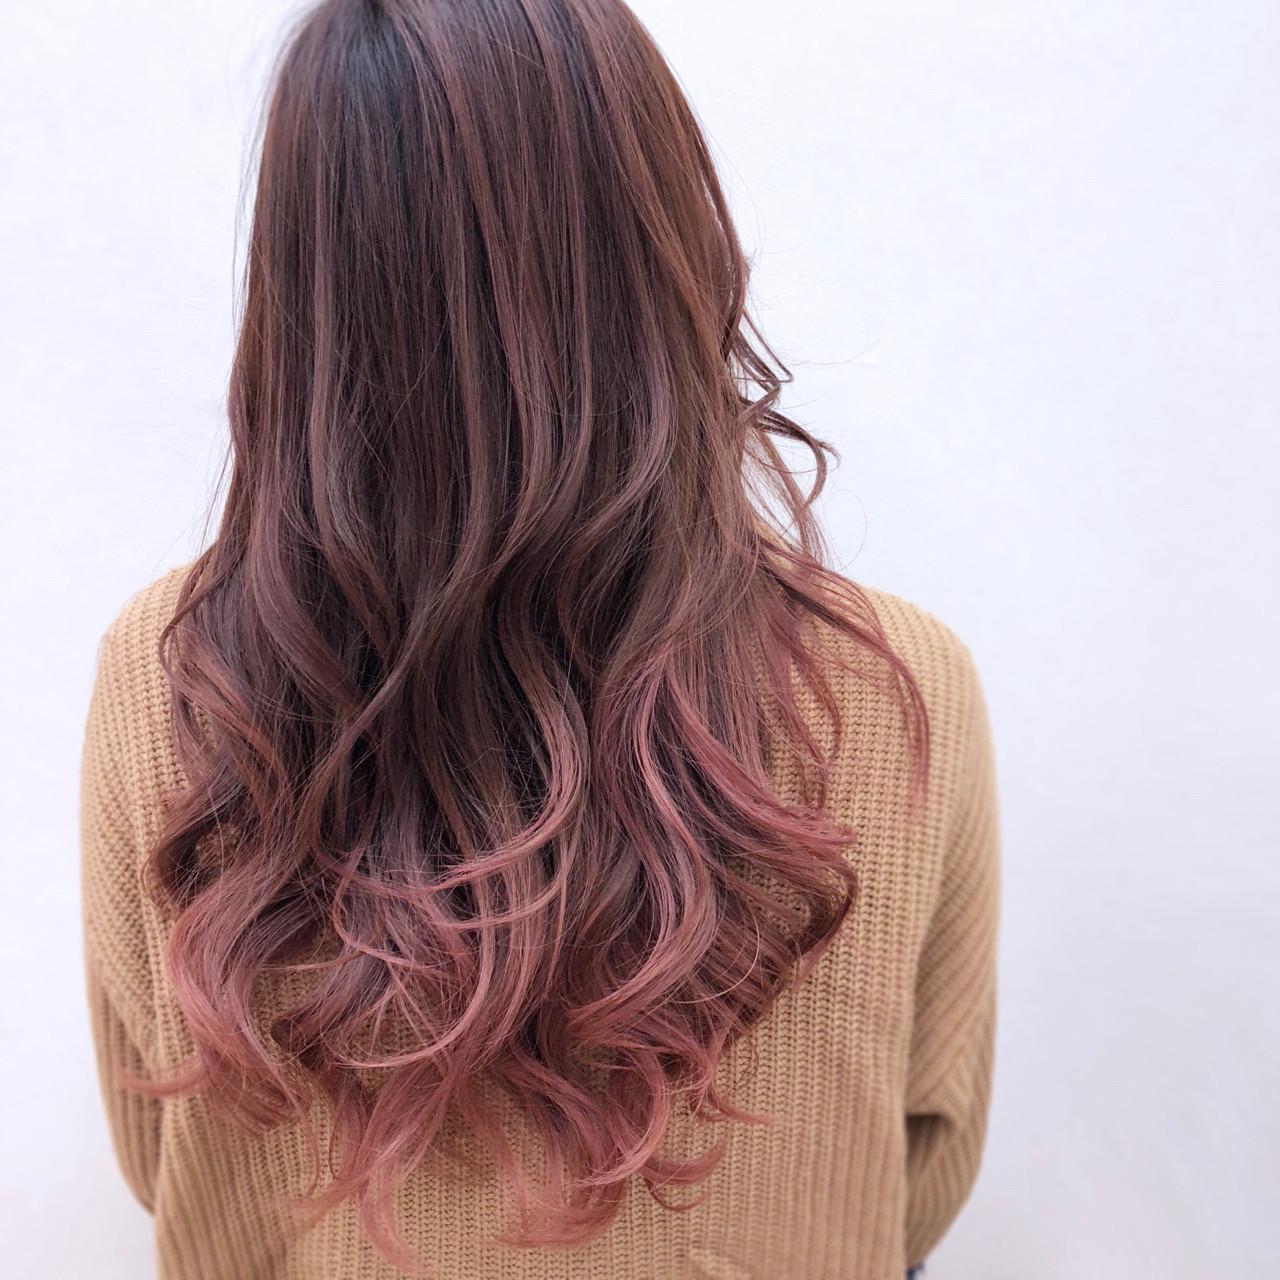 外国人風 グラデーションカラー ナチュラル ピンク ヘアスタイルや髪型の写真・画像